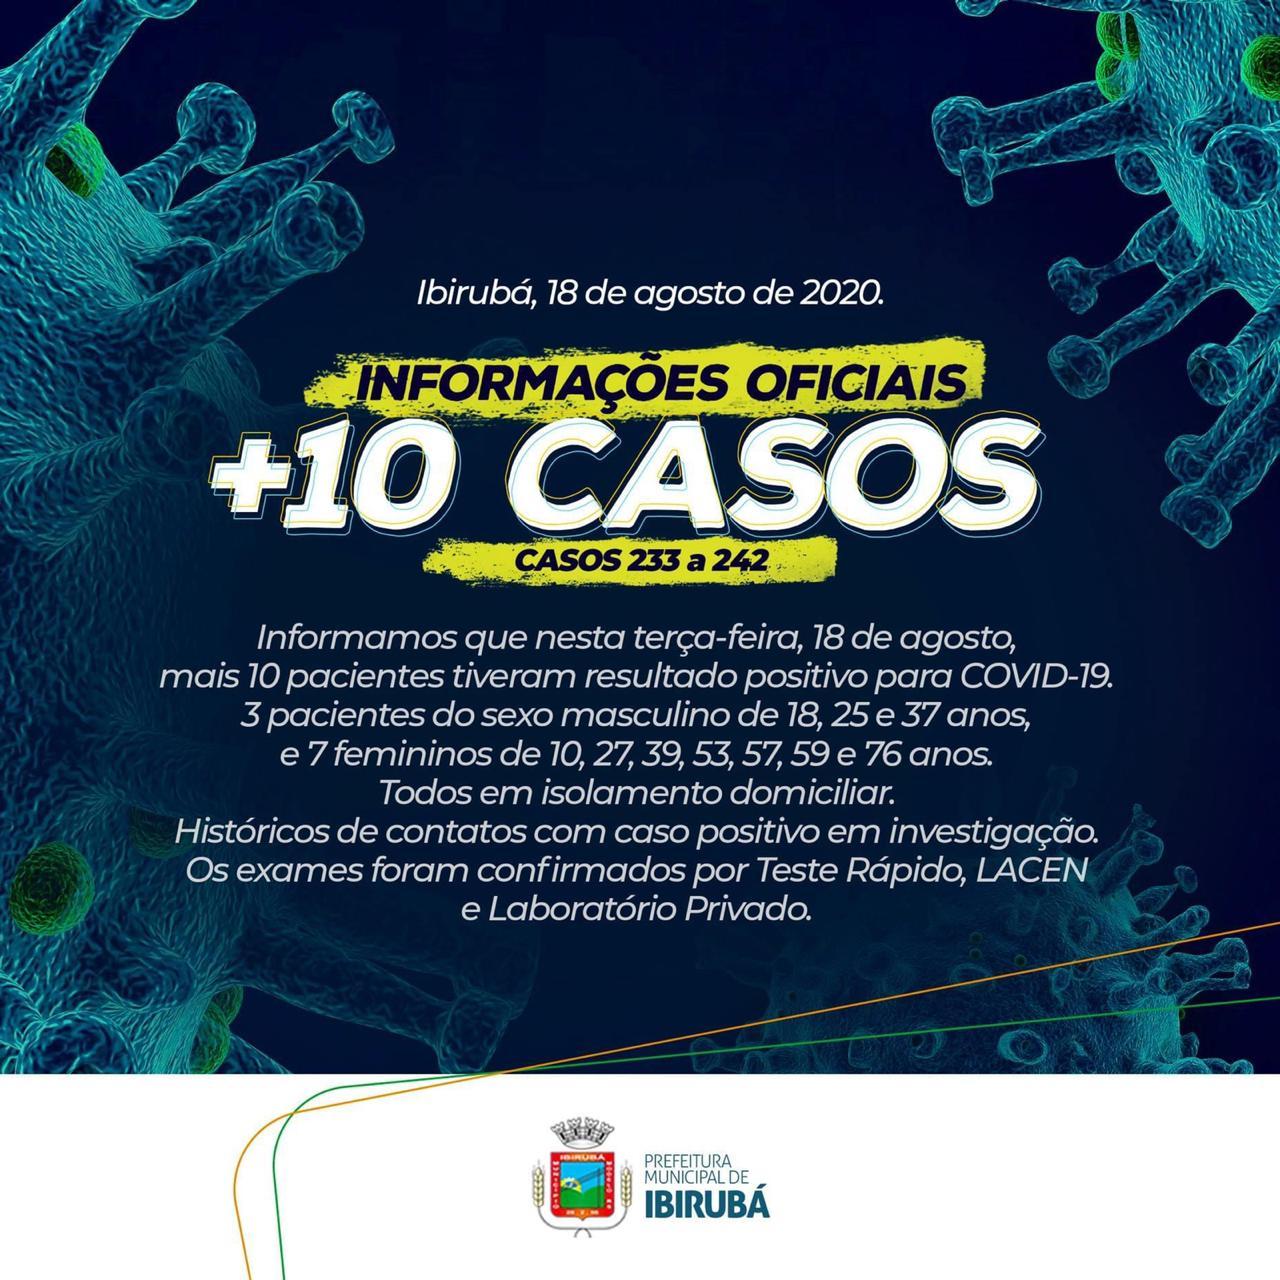 Ibirubá tem mais 10 novos casos de covid-19 e totaliza 78 casos ativos da doença